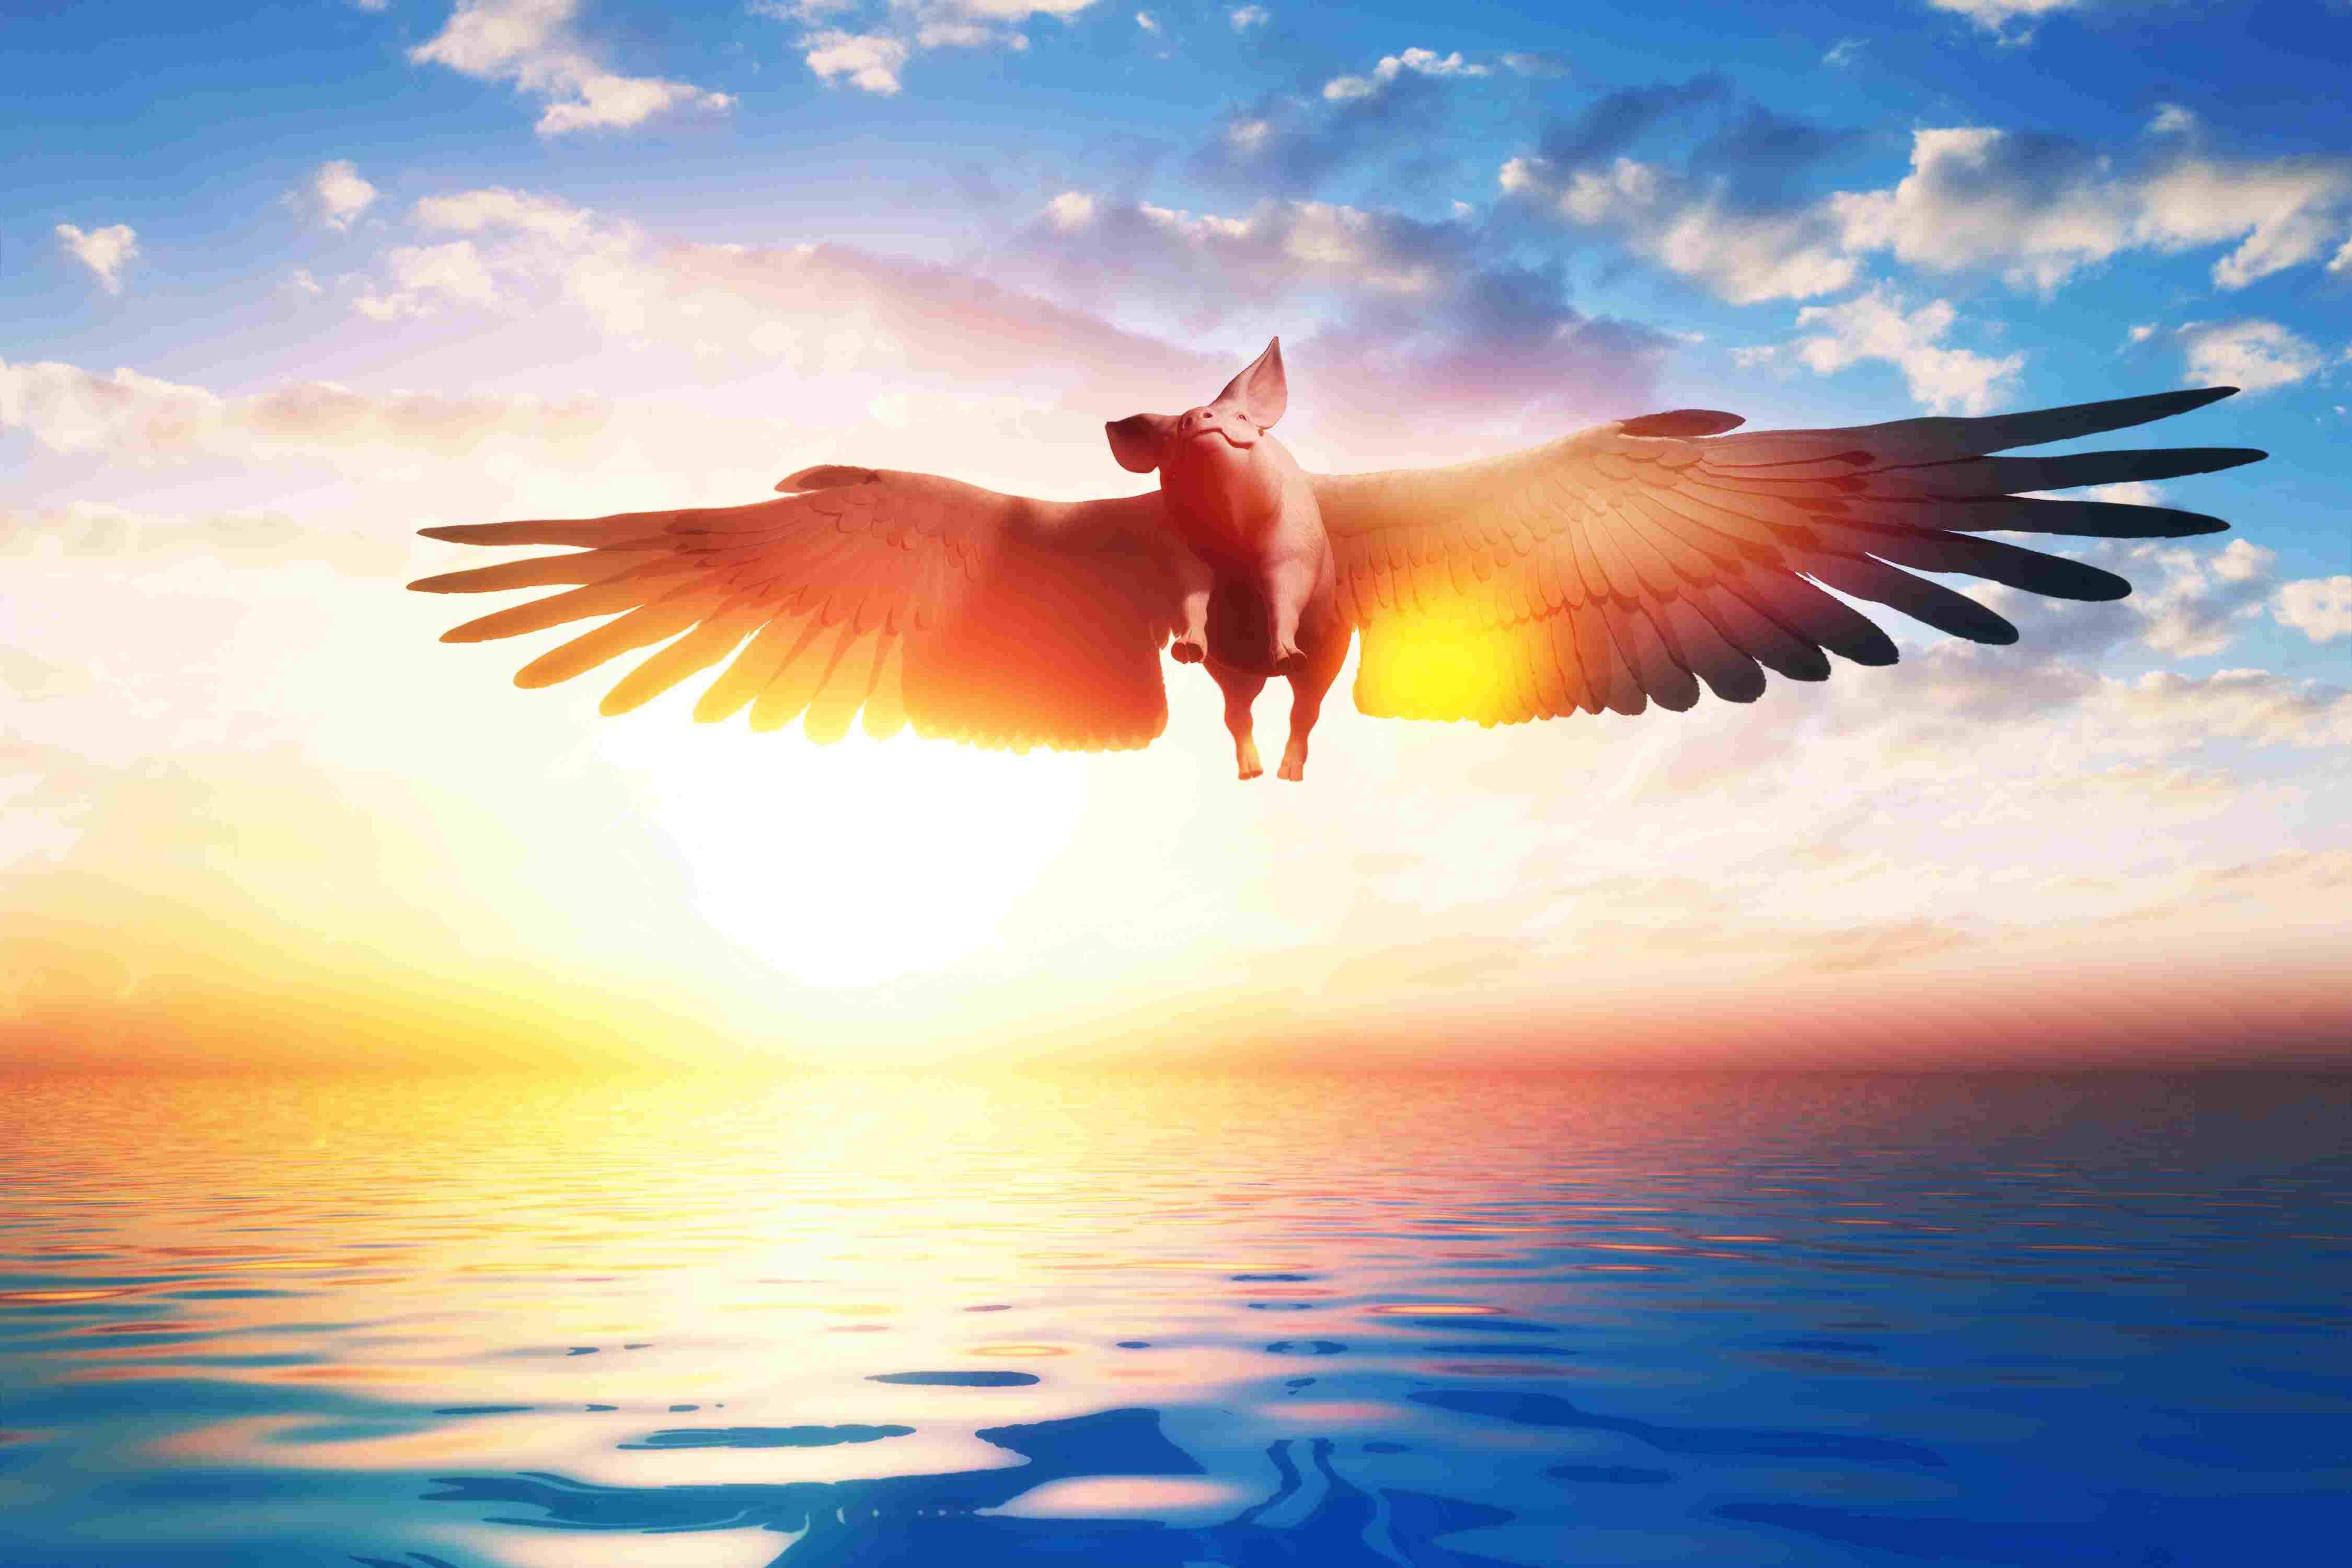 Flying pig over the fantasy landscape